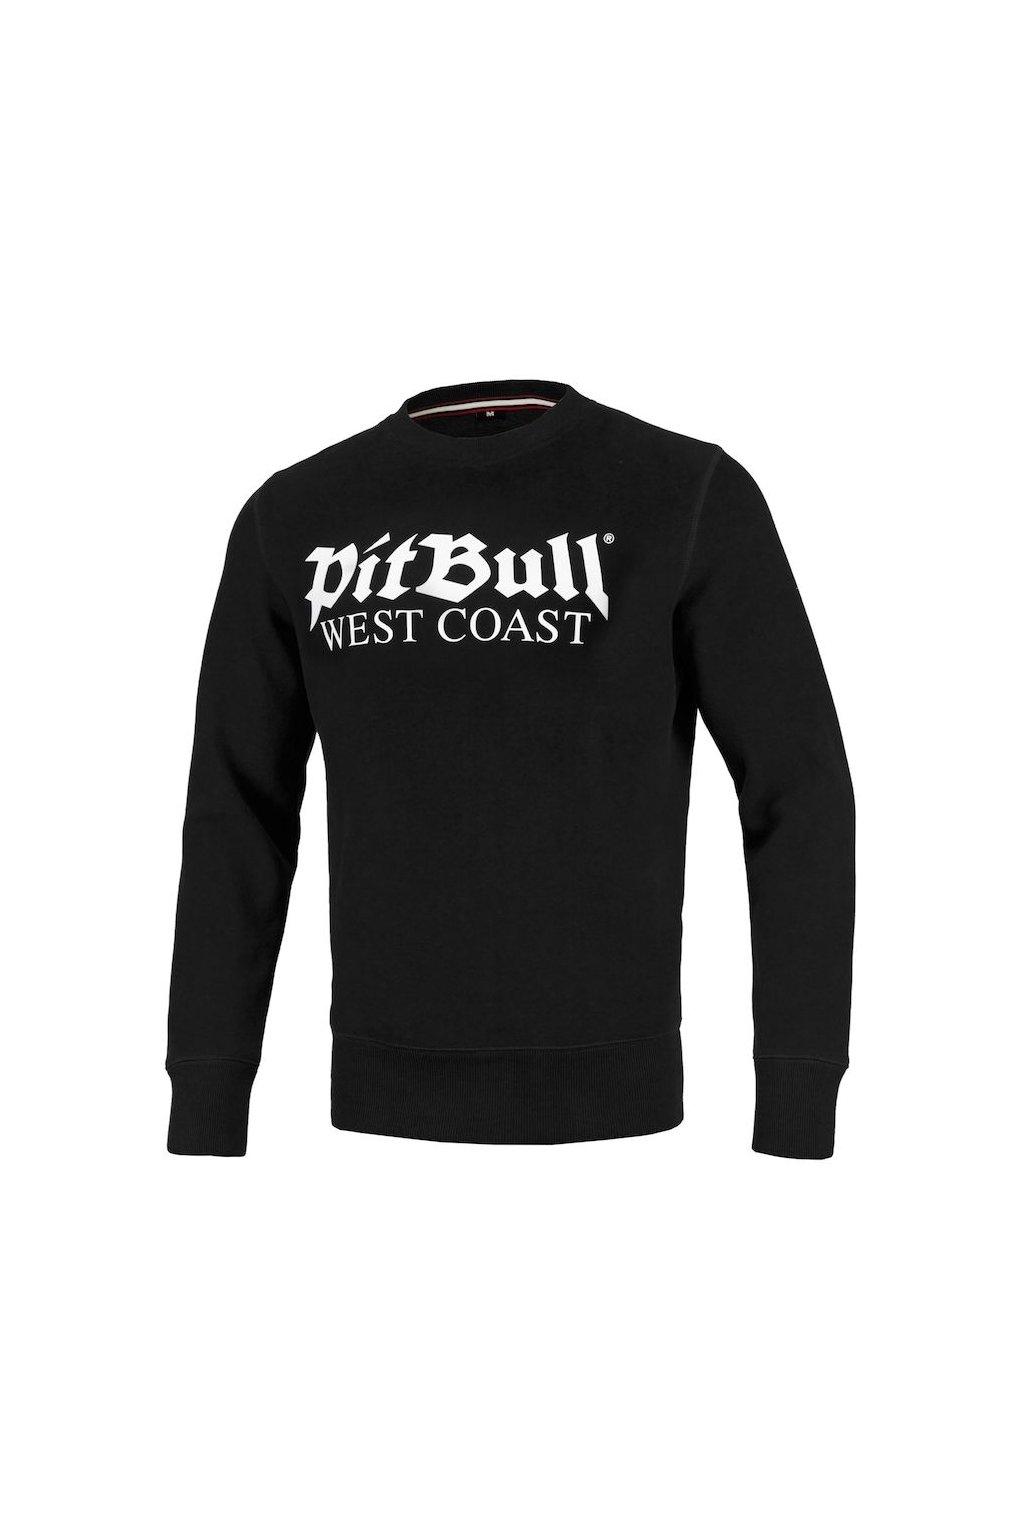 PitBull West Coast pánská mikina Old Logo černá obr1